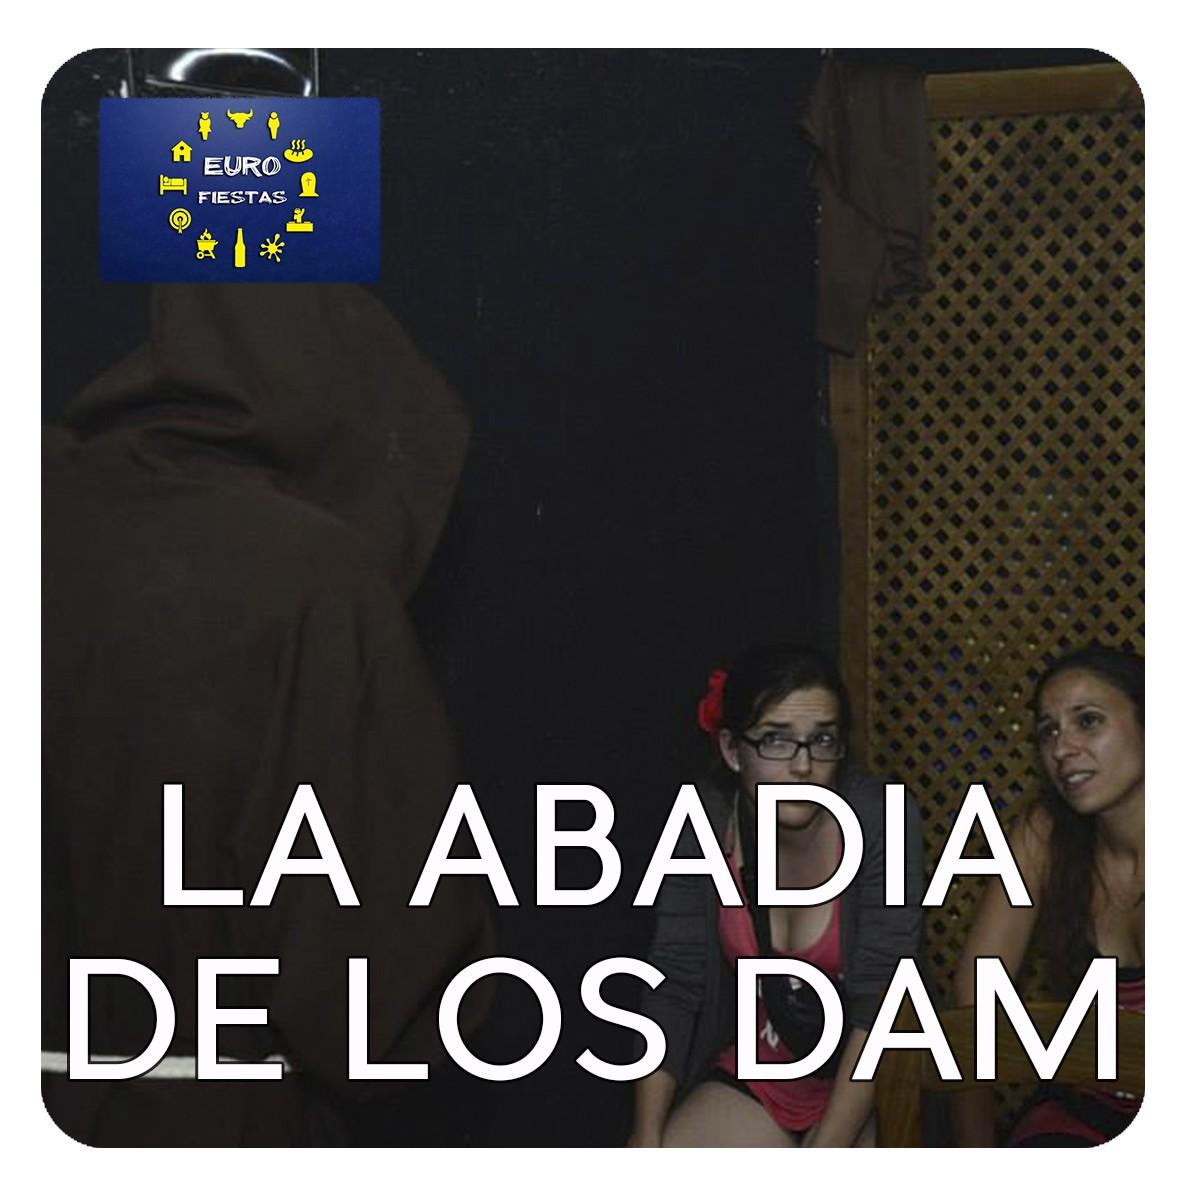 La Abadia Dam